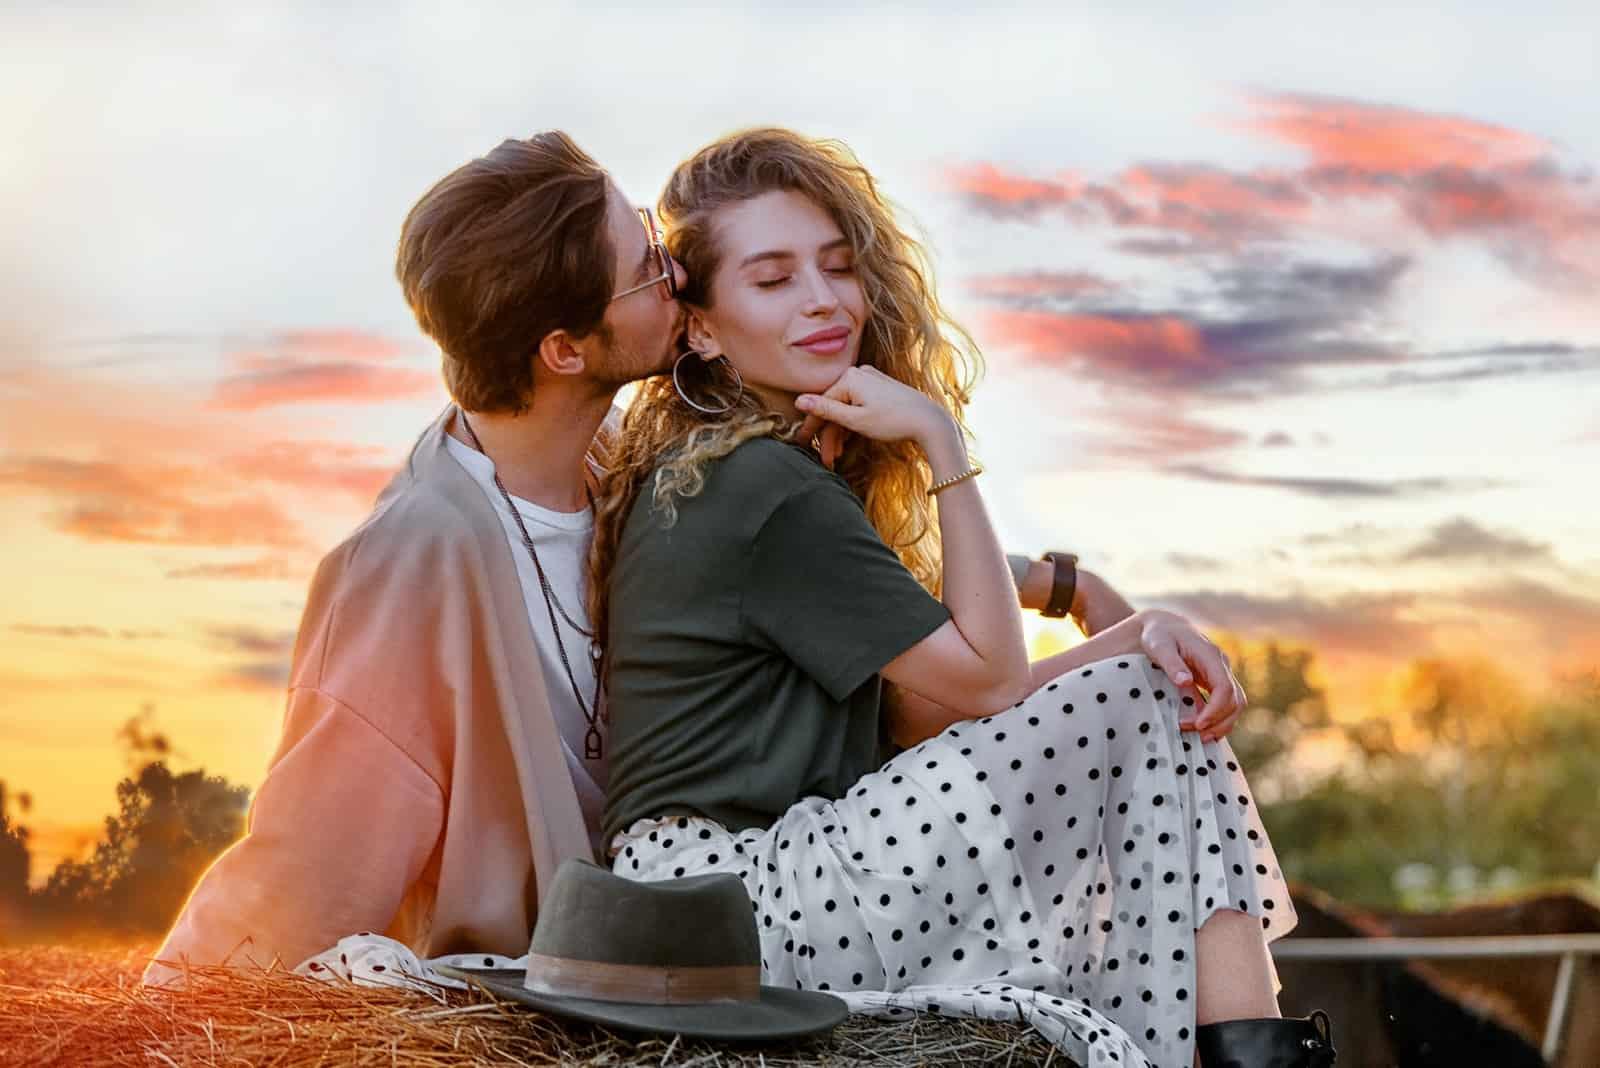 homme embrassant une femme assise en plein air